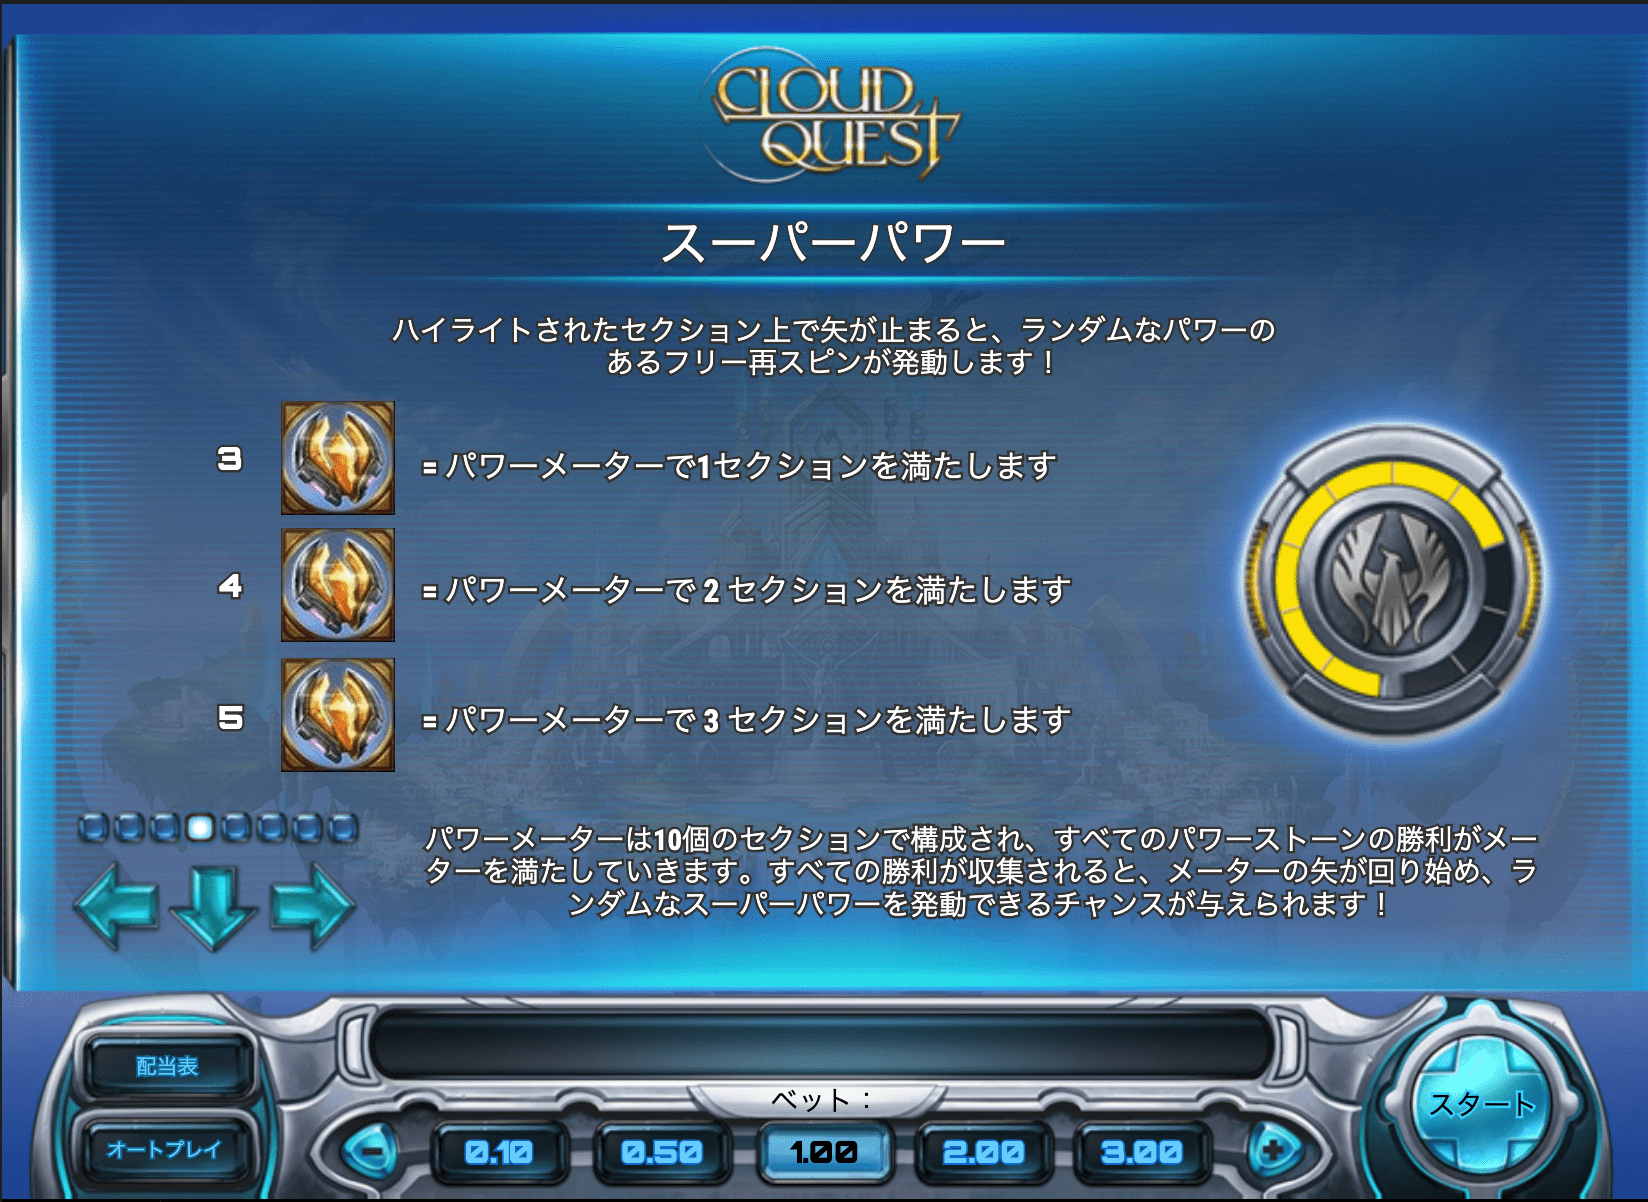 th Cloud Quest-クラウドクエストスクリーンショット